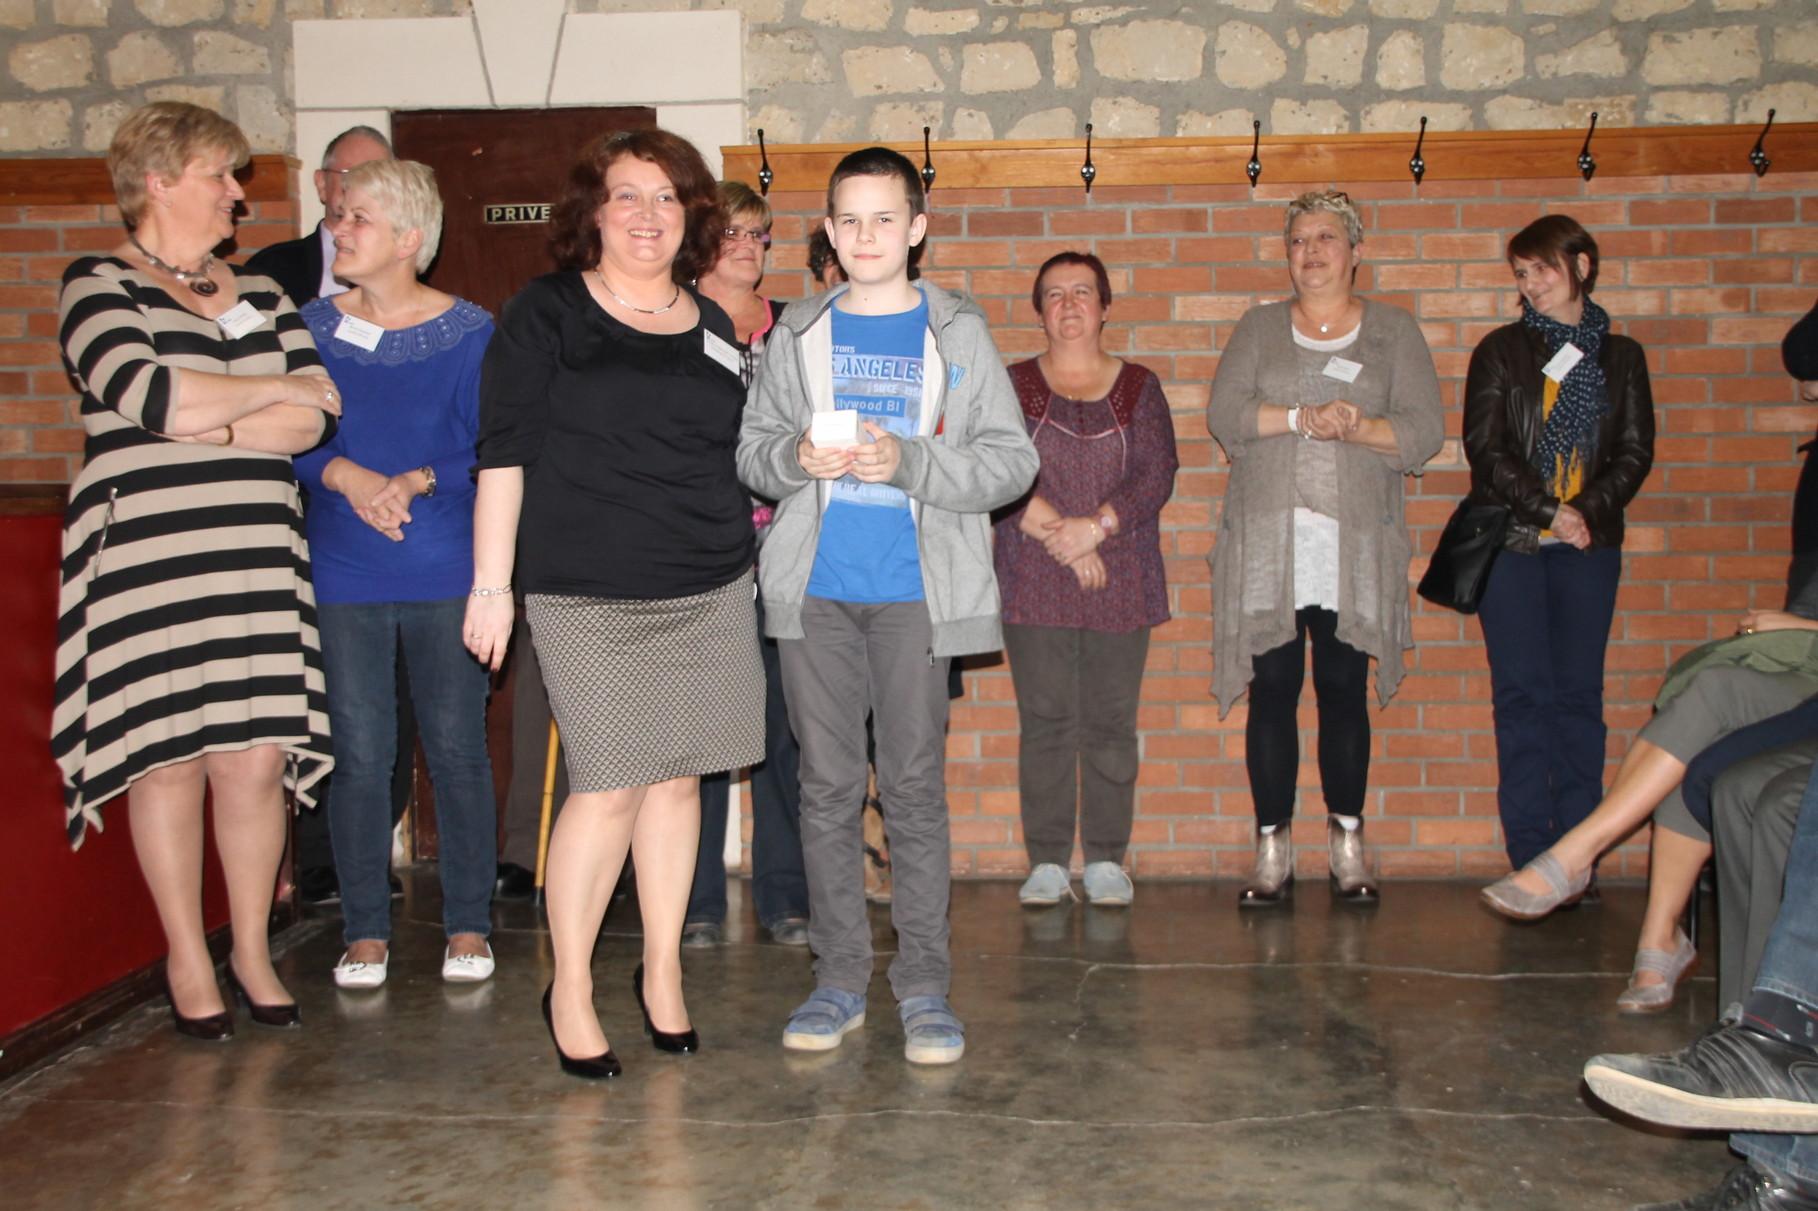 2ème prix remis par Christine Poncelet-Geimer - Présidente de la LIR Arlon